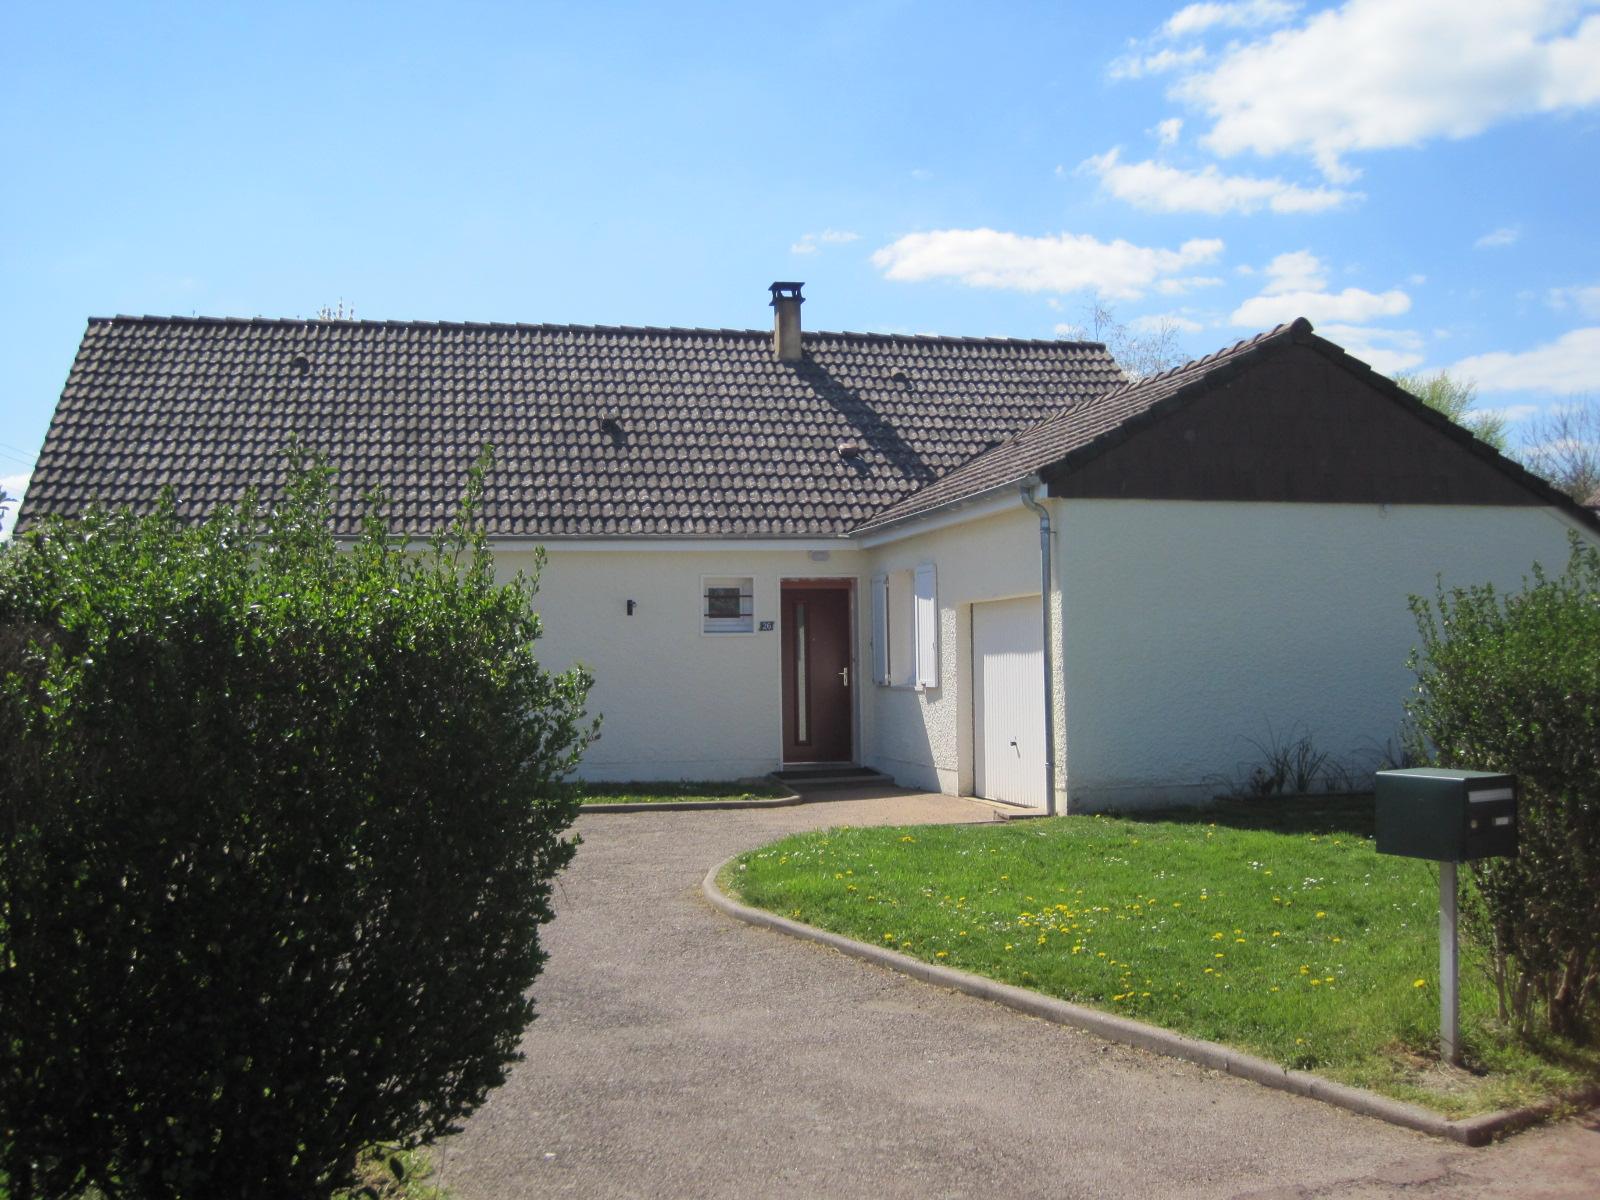 RUE DES CLAIRS LOGIS- Cercy- la- Tour- 58340, ,Pavillon,patrimoine,RUE DES CLAIRS LOGIS,1753